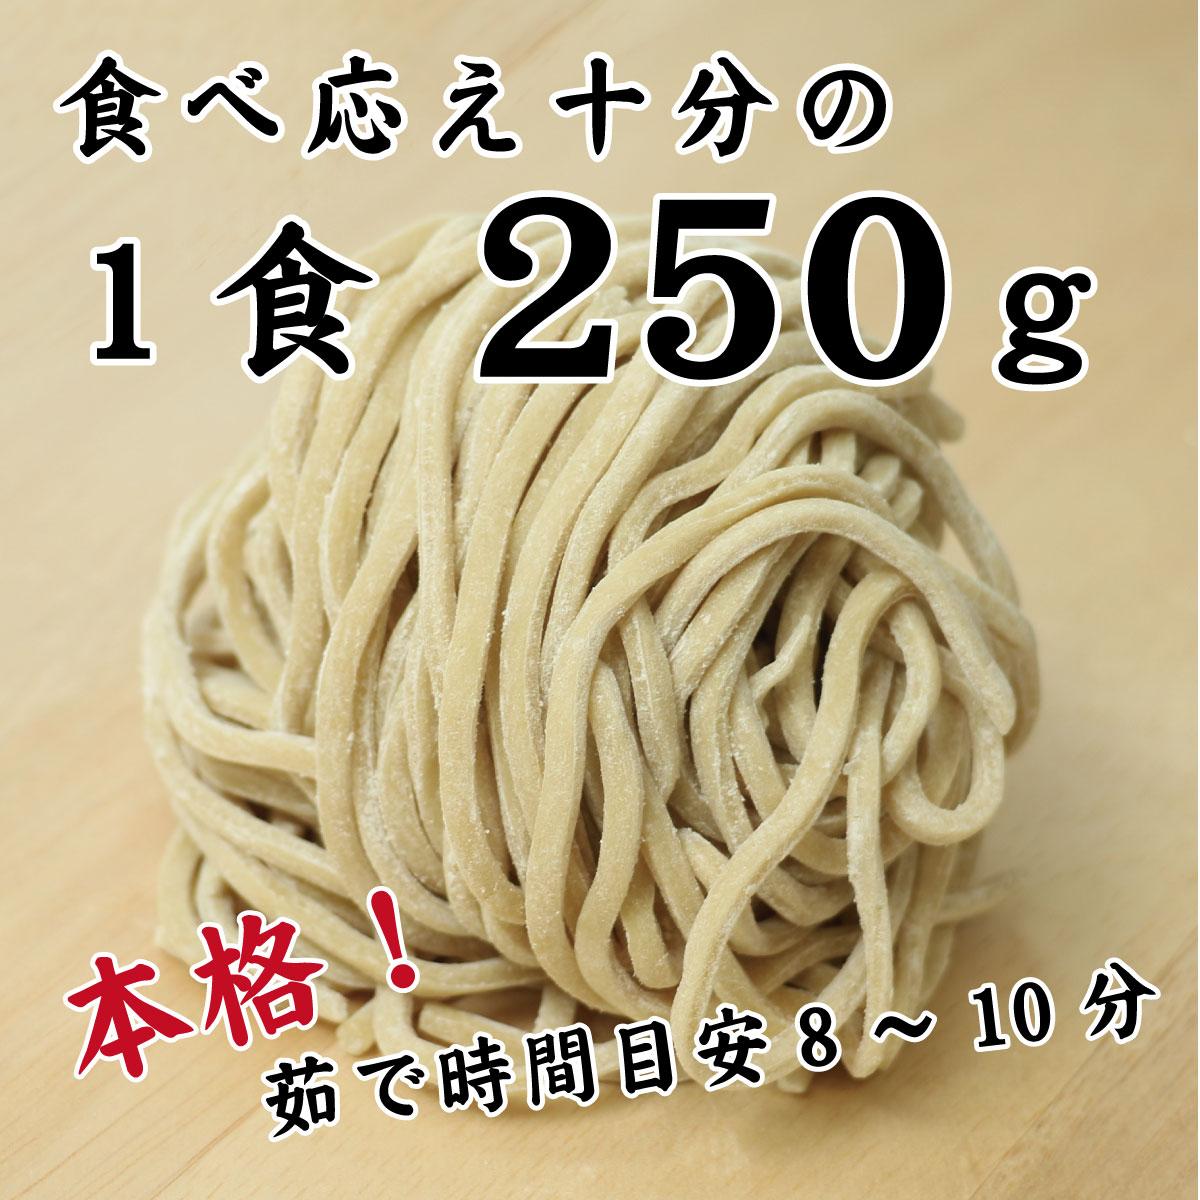 二郎系 食べごたえたっぷりの250g